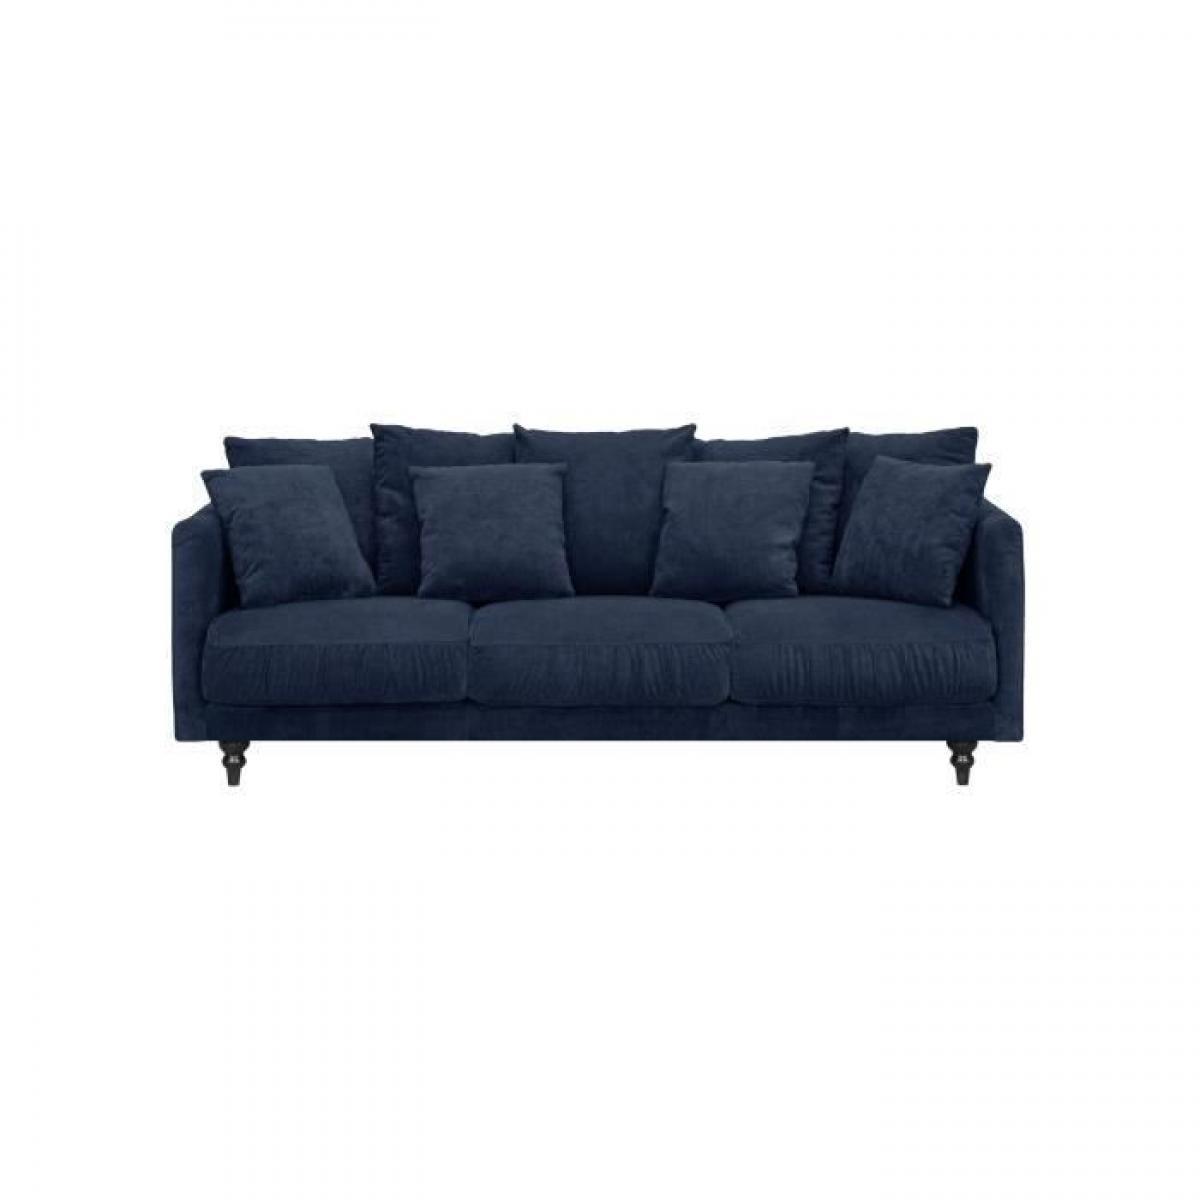 Sans Marque CONSTANCE Canape droit fixe 4 places - Tissu bleu - Classique - L 212 x P 93 cm